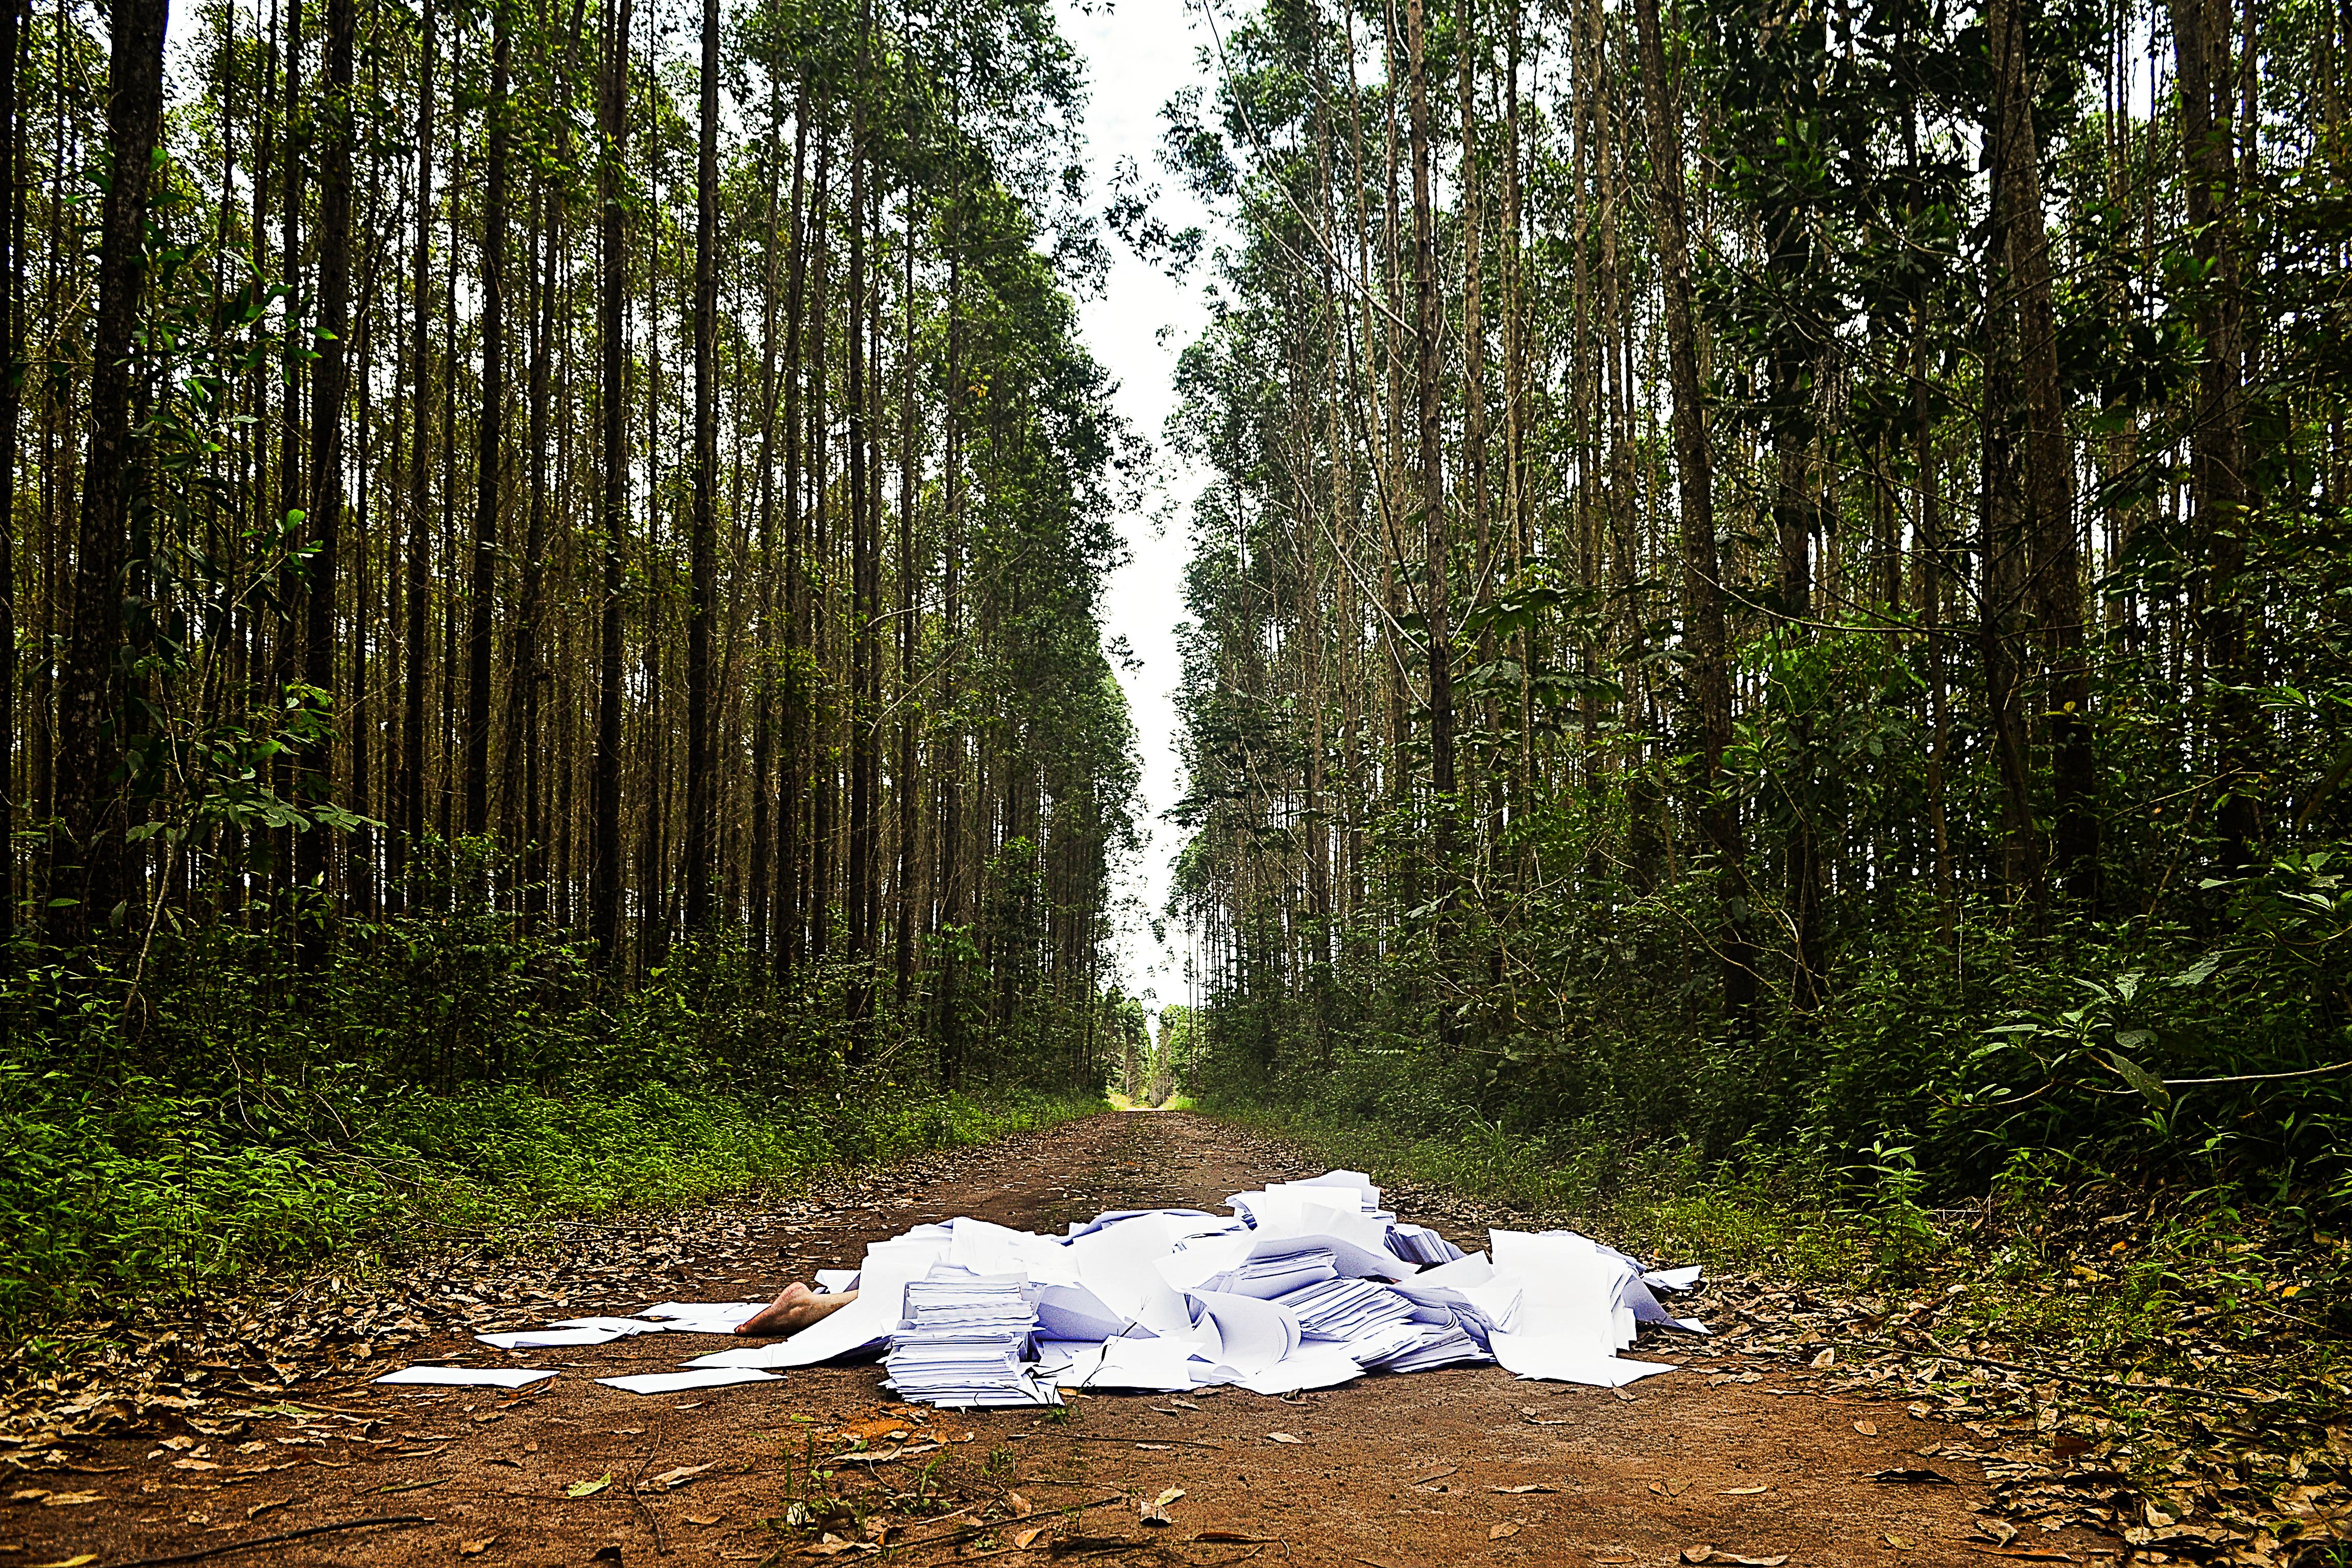 estudo 4: celulose | contaminações sobre a floresta